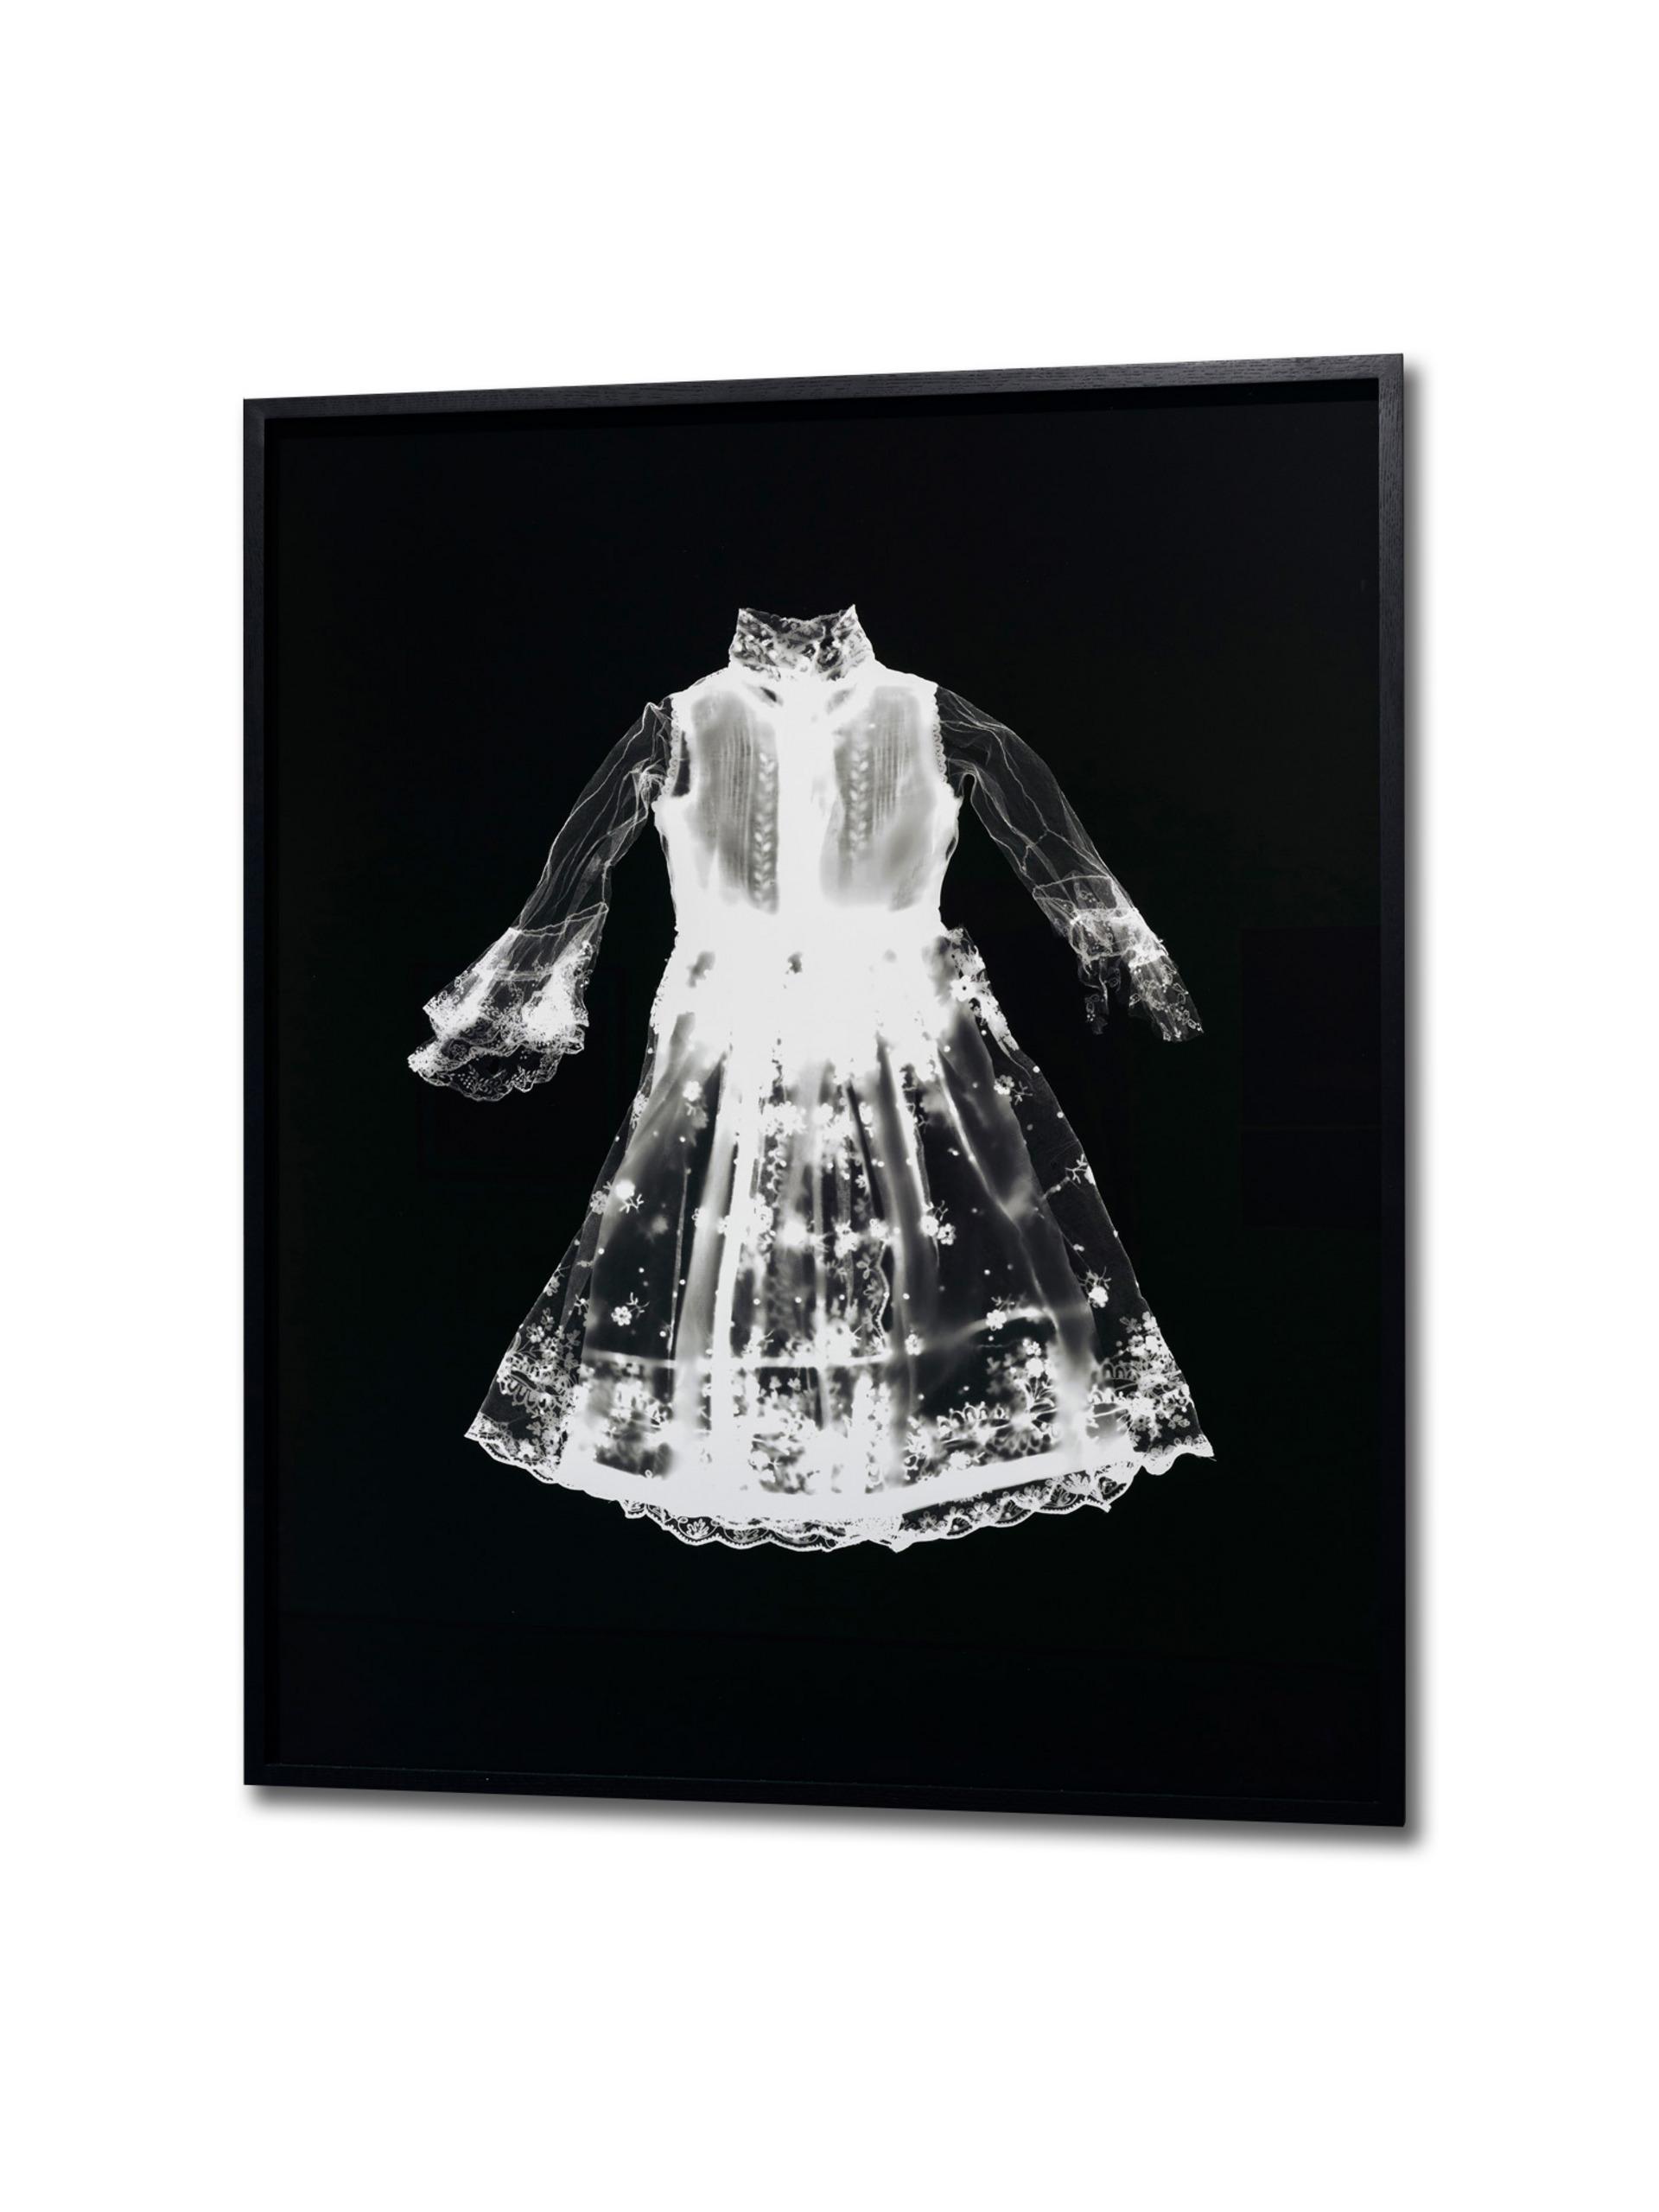 Dress, 2020 - 107 x 129cm (framed)